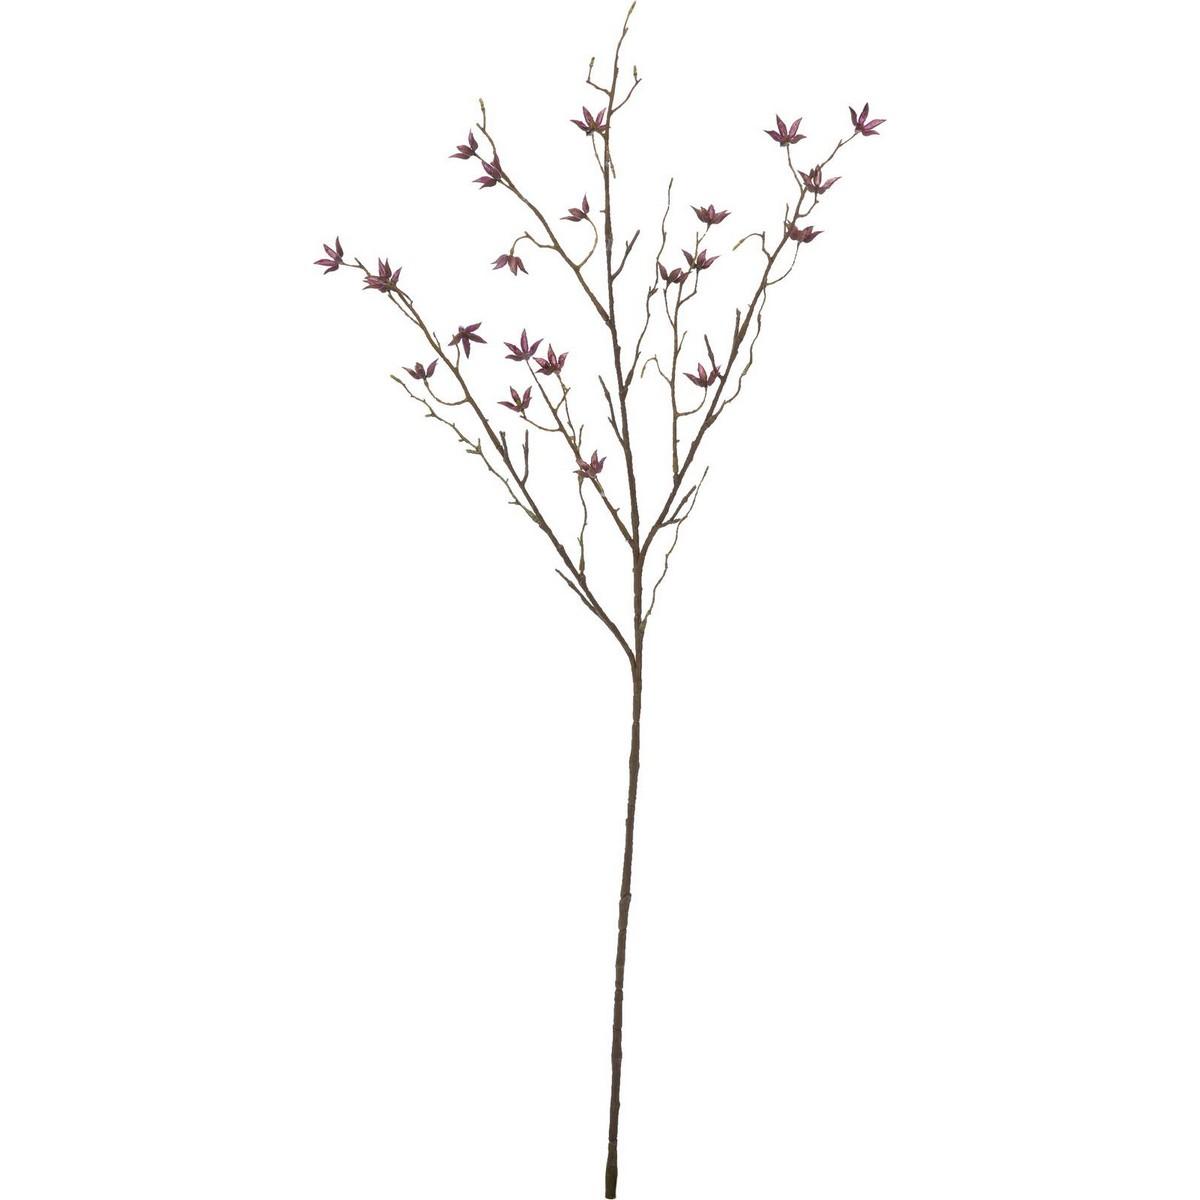 【造花】YDM/スターアニスブランチ/FG-4928BUR【01】【01】【取寄】《 造花(アーティフィシャルフラワー) 造花枝物 その他の造花枝物 》